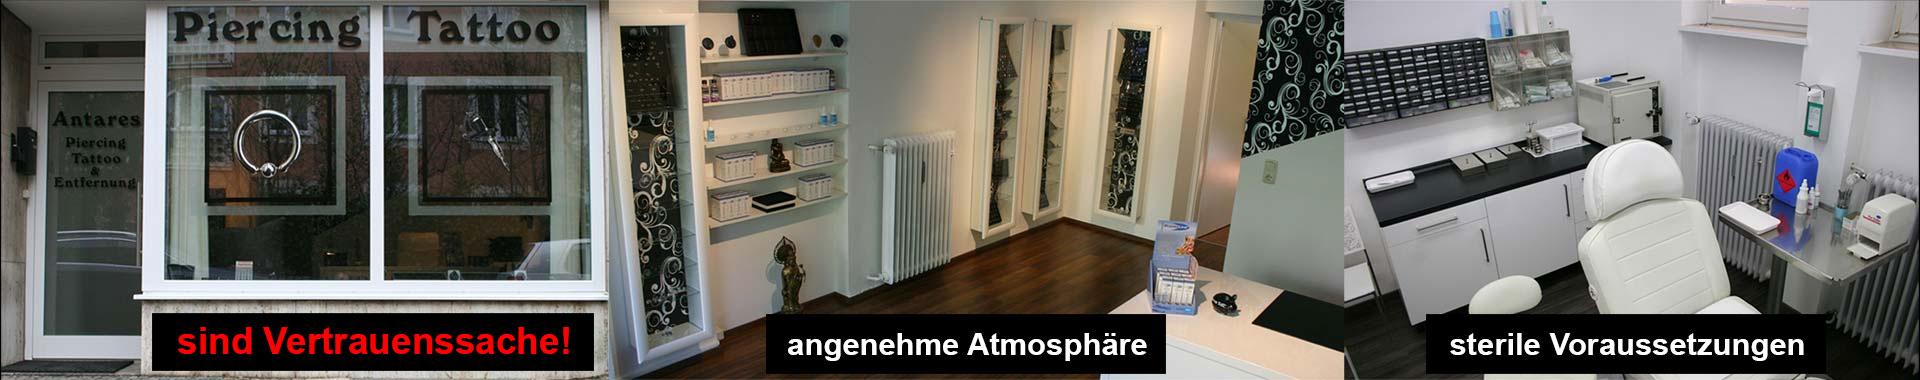 Antares Piercing Tattoo Tattooentfernung München - Eingangsbereich - Warteraum - Behandlungsraum